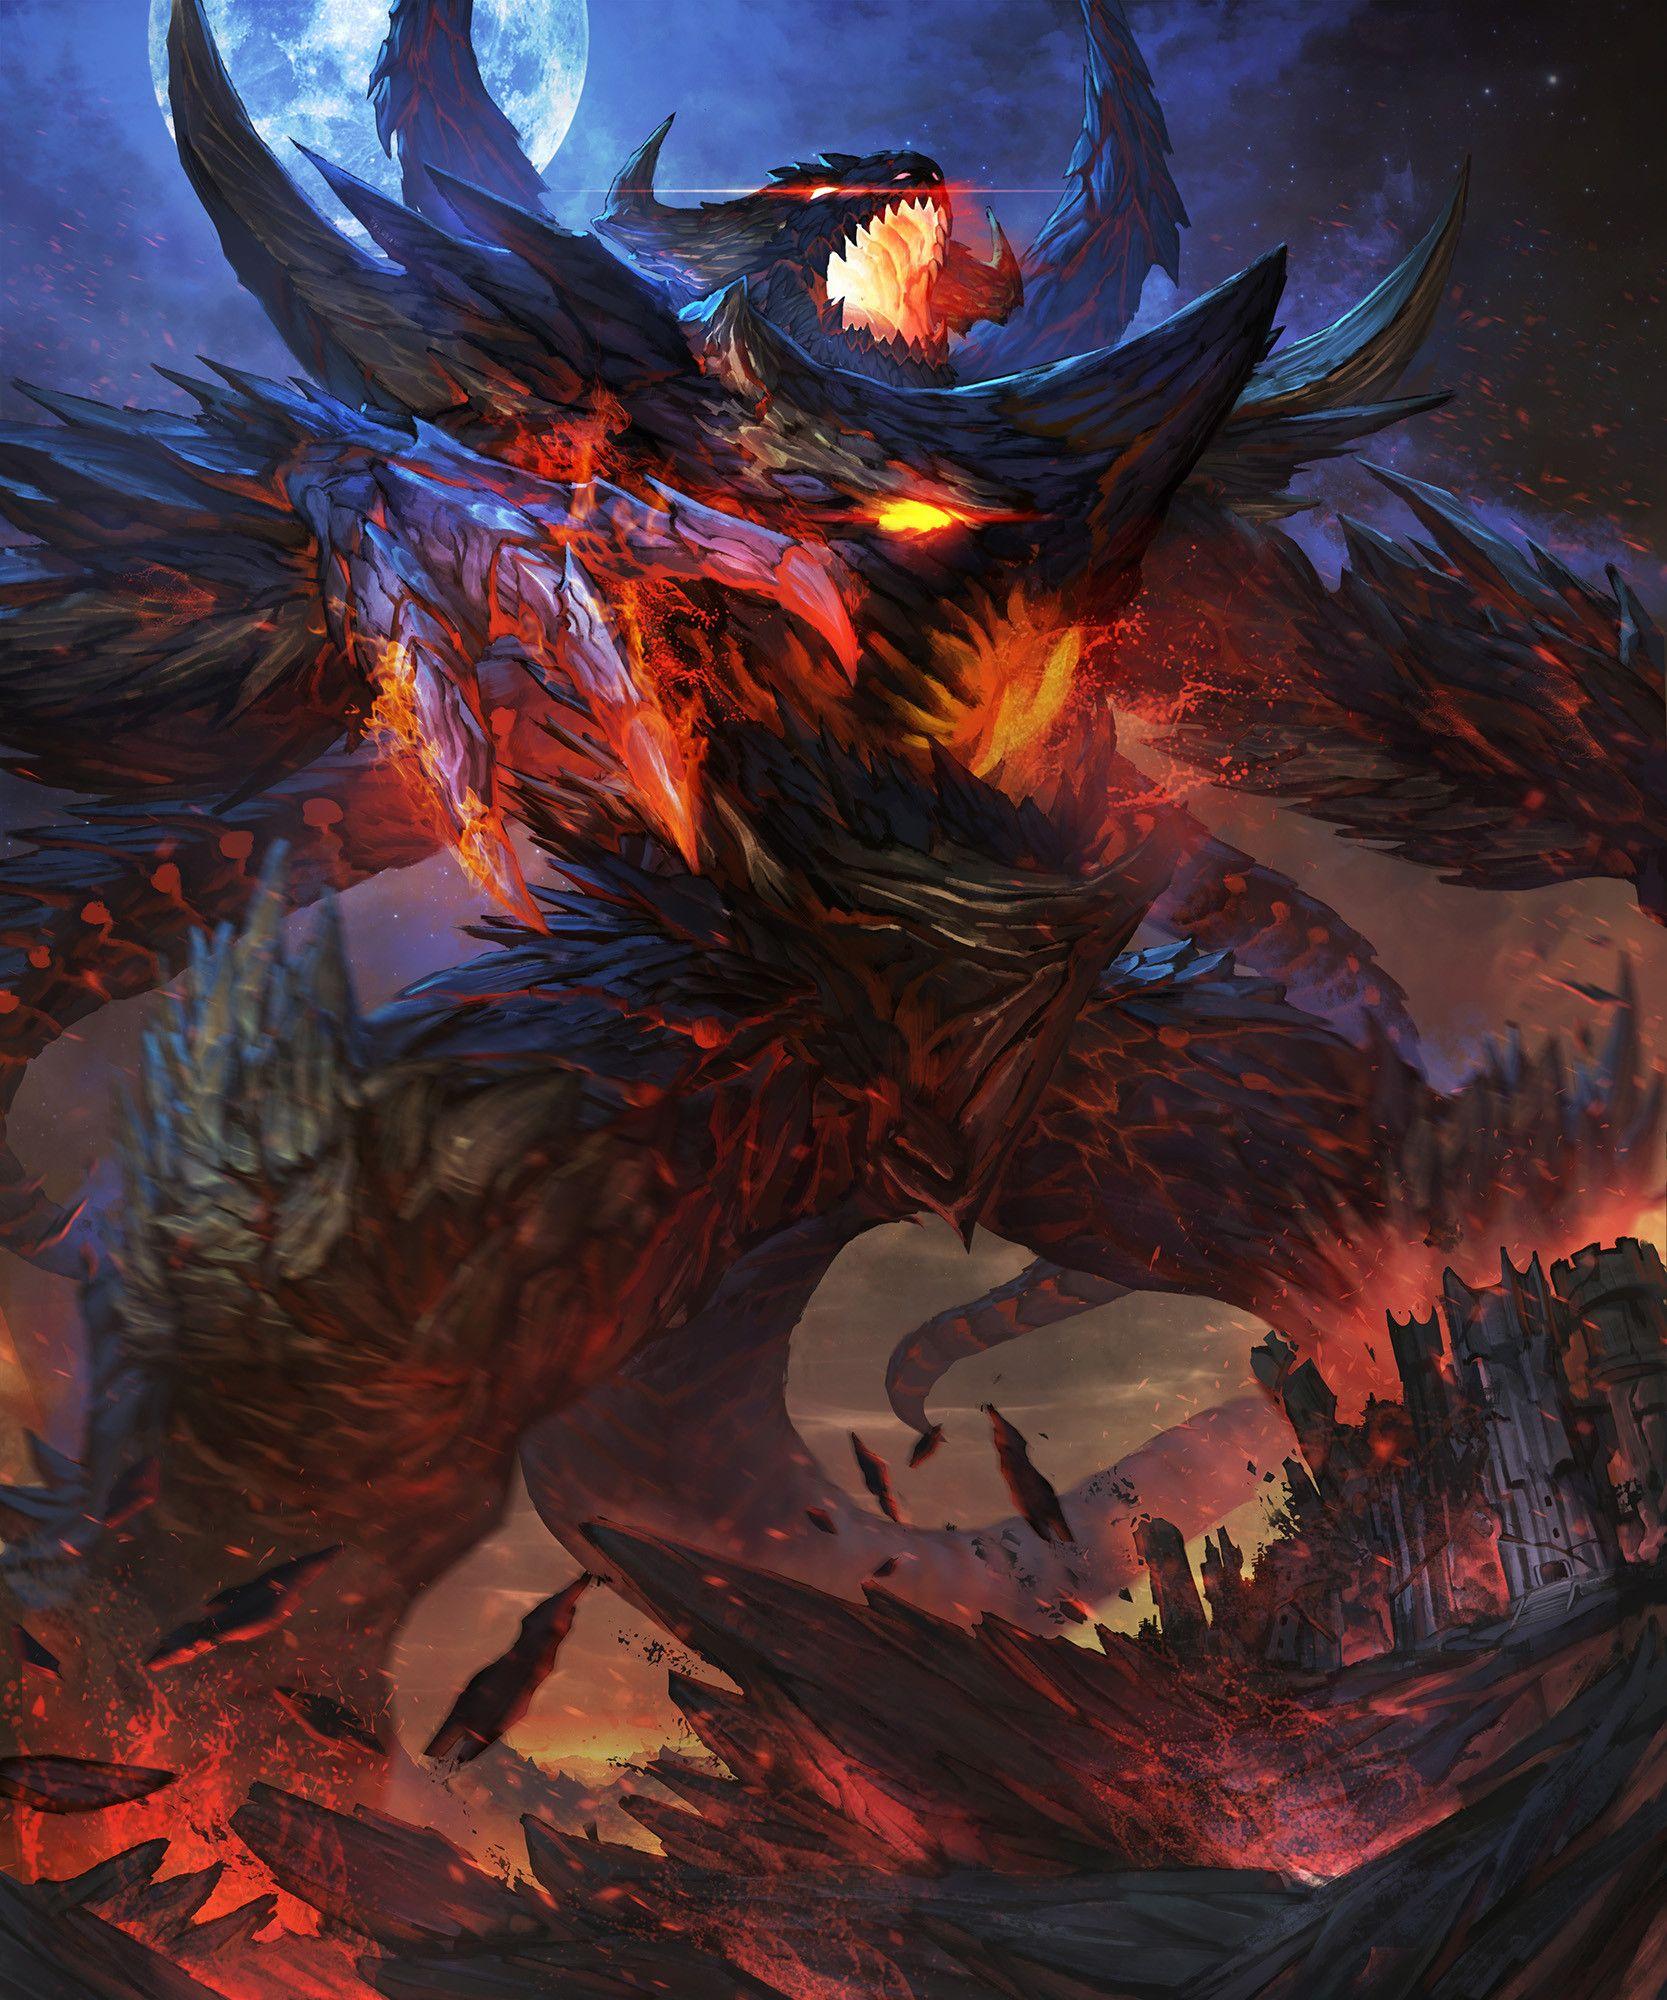 демонические драконы картинки оставшихся